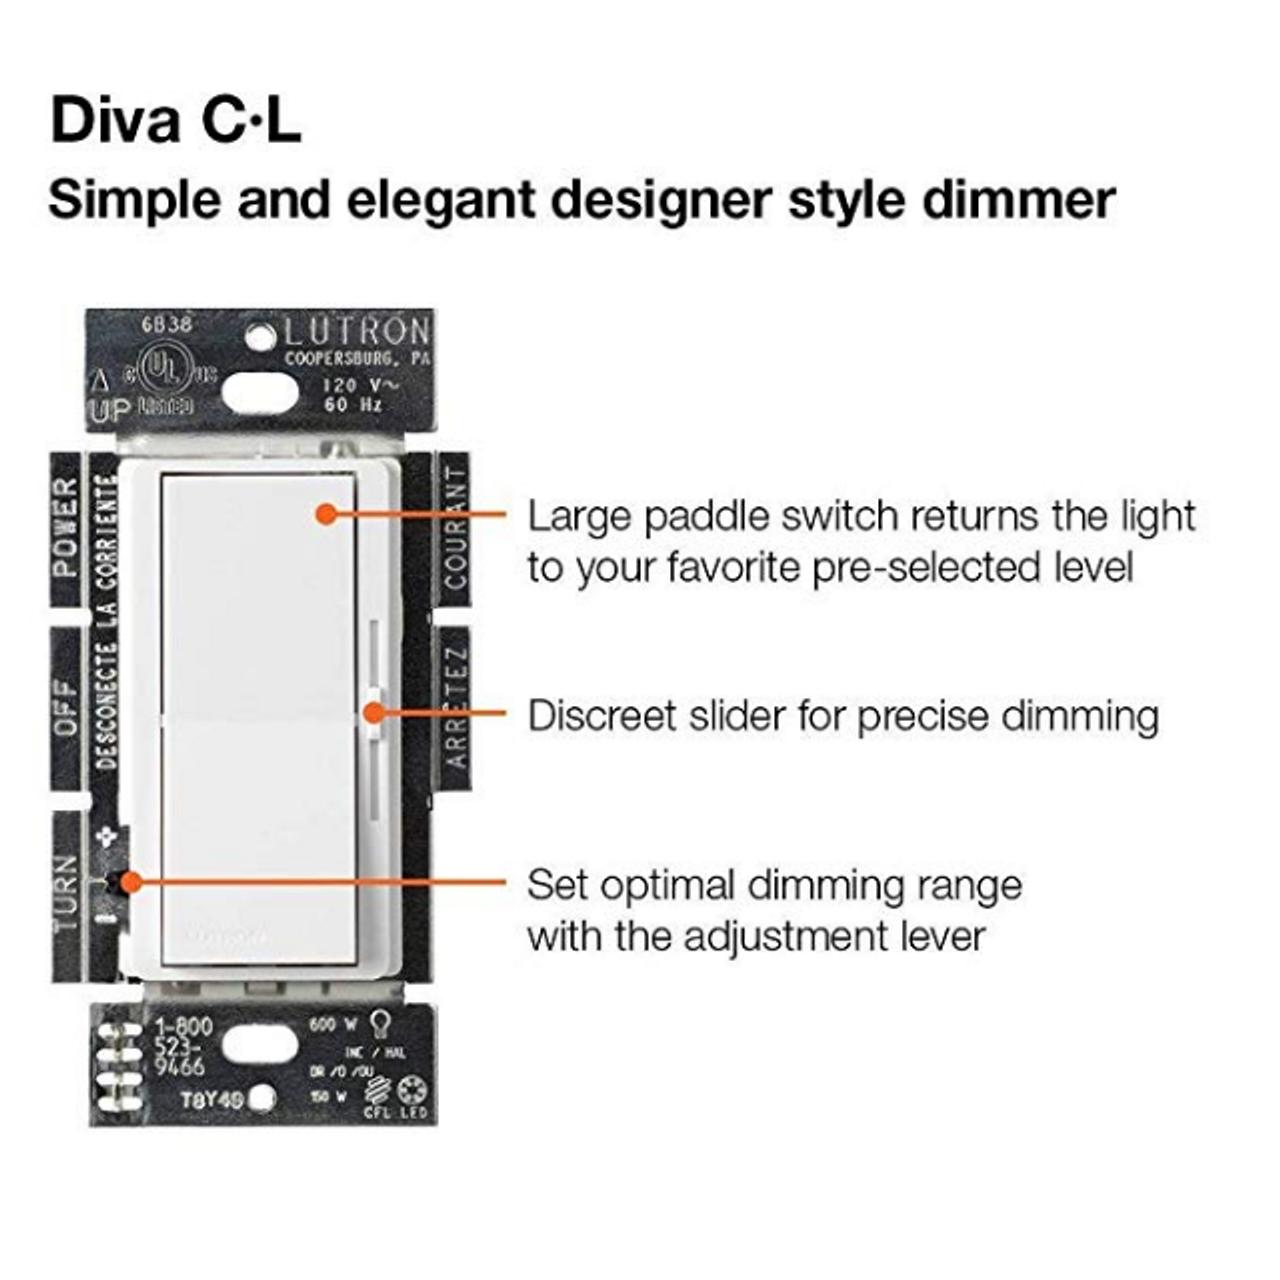 Lutron Dvstv Diva 0-10V Dimmer Switch Wiring Diagram from cdn11.bigcommerce.com